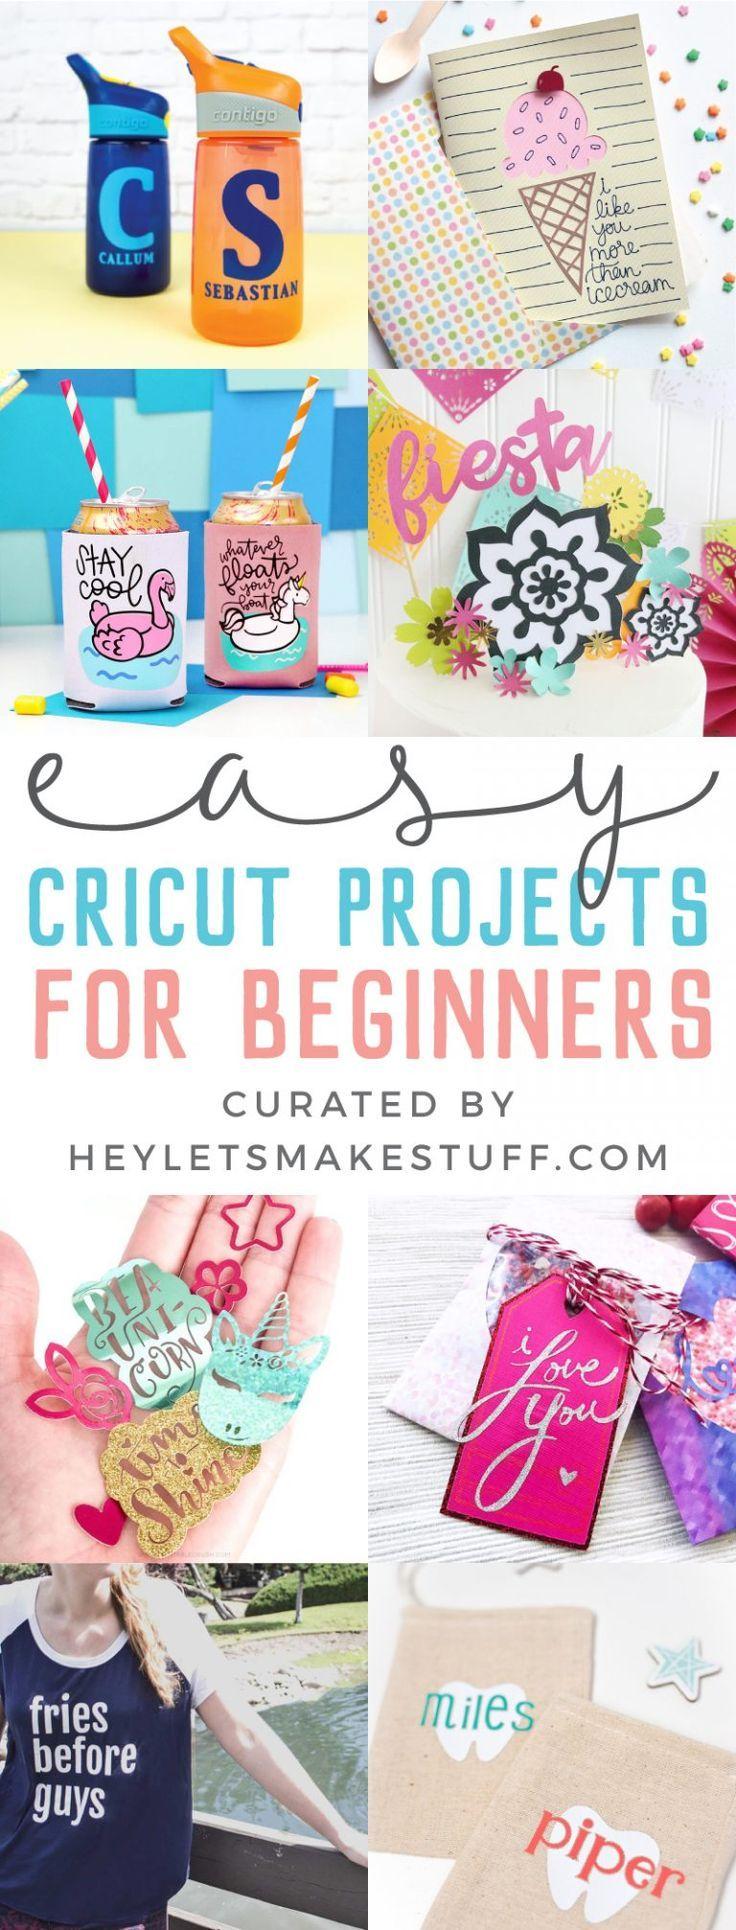 Cricut-Projekte für Anfänger